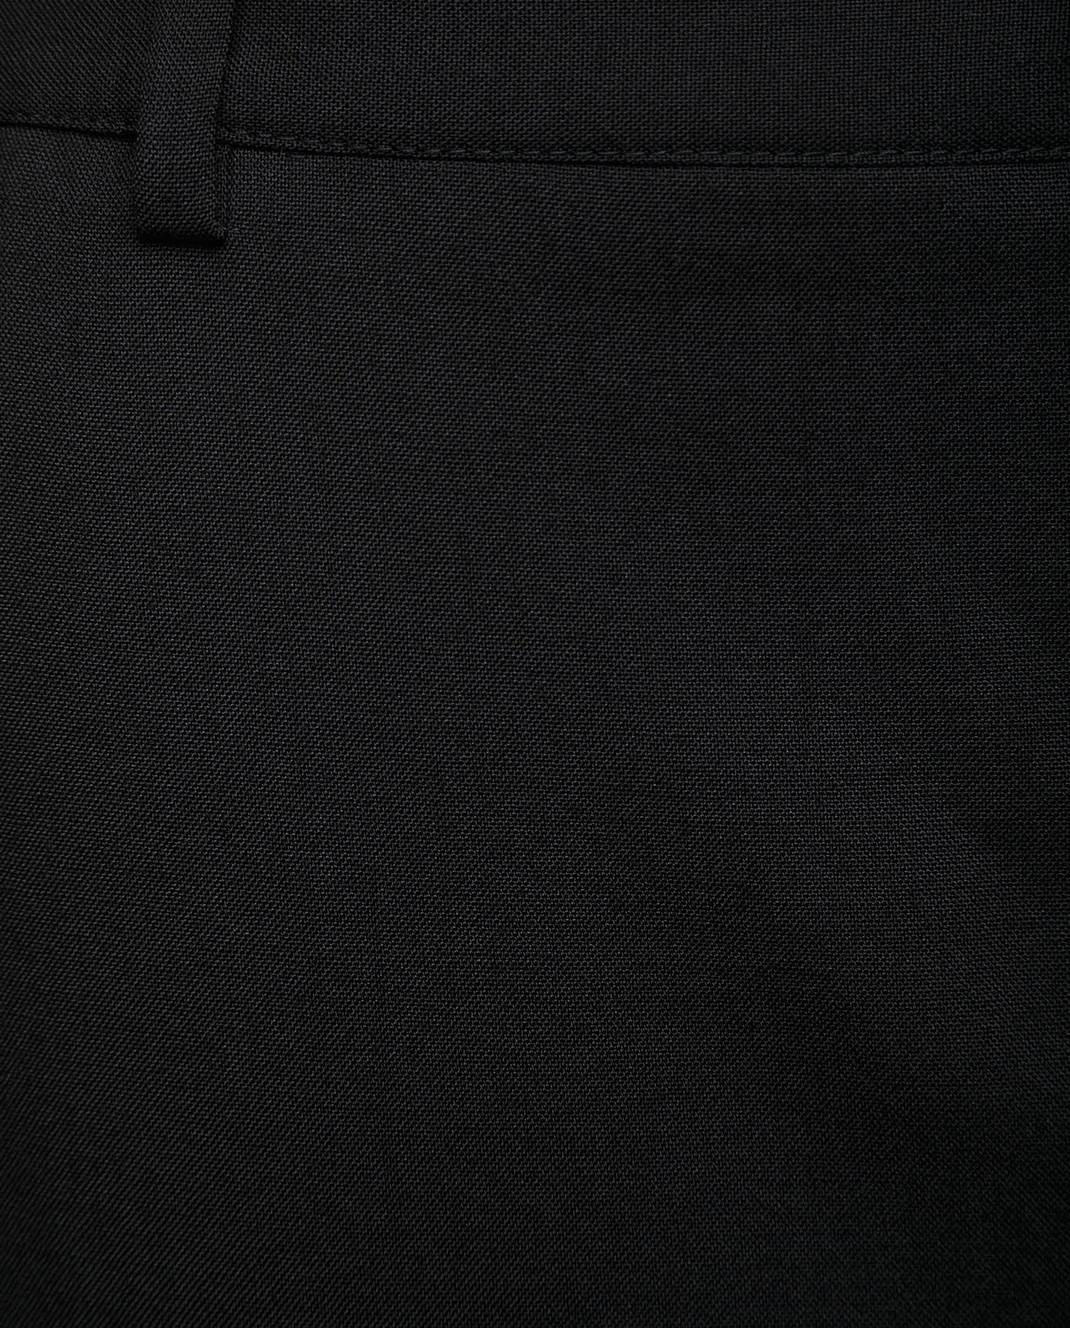 Gucci Черные брюки из шерсти 512968 изображение 3